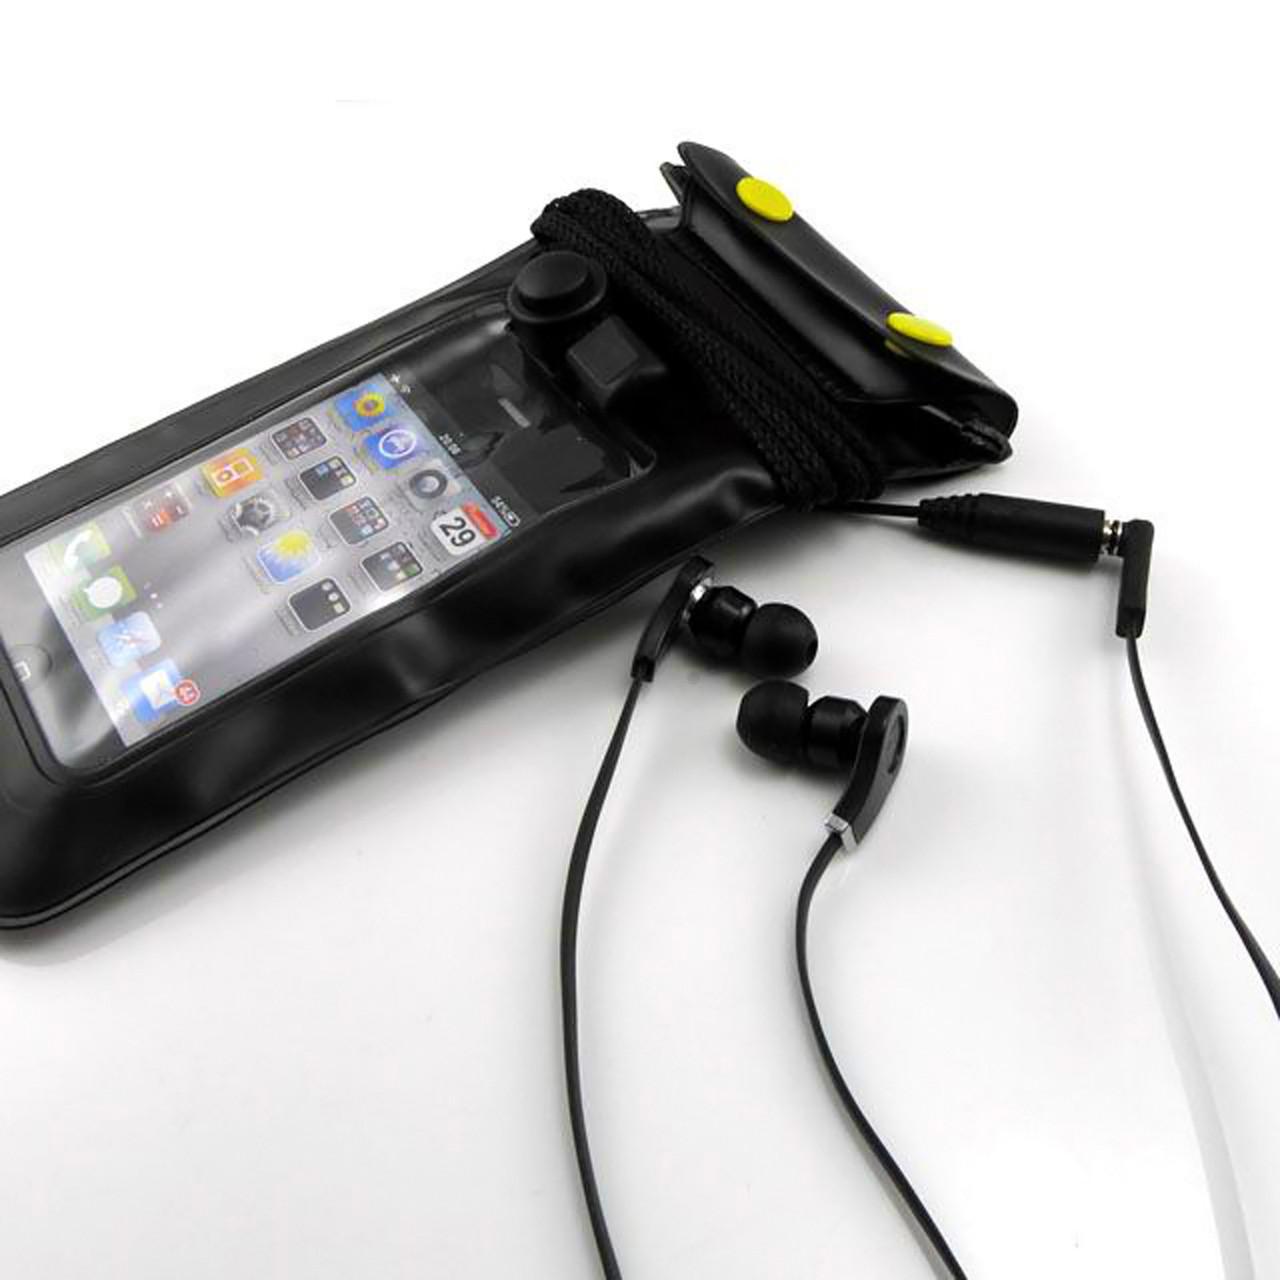 водонепроницаемый чехол для телефона с разъемом для наушников